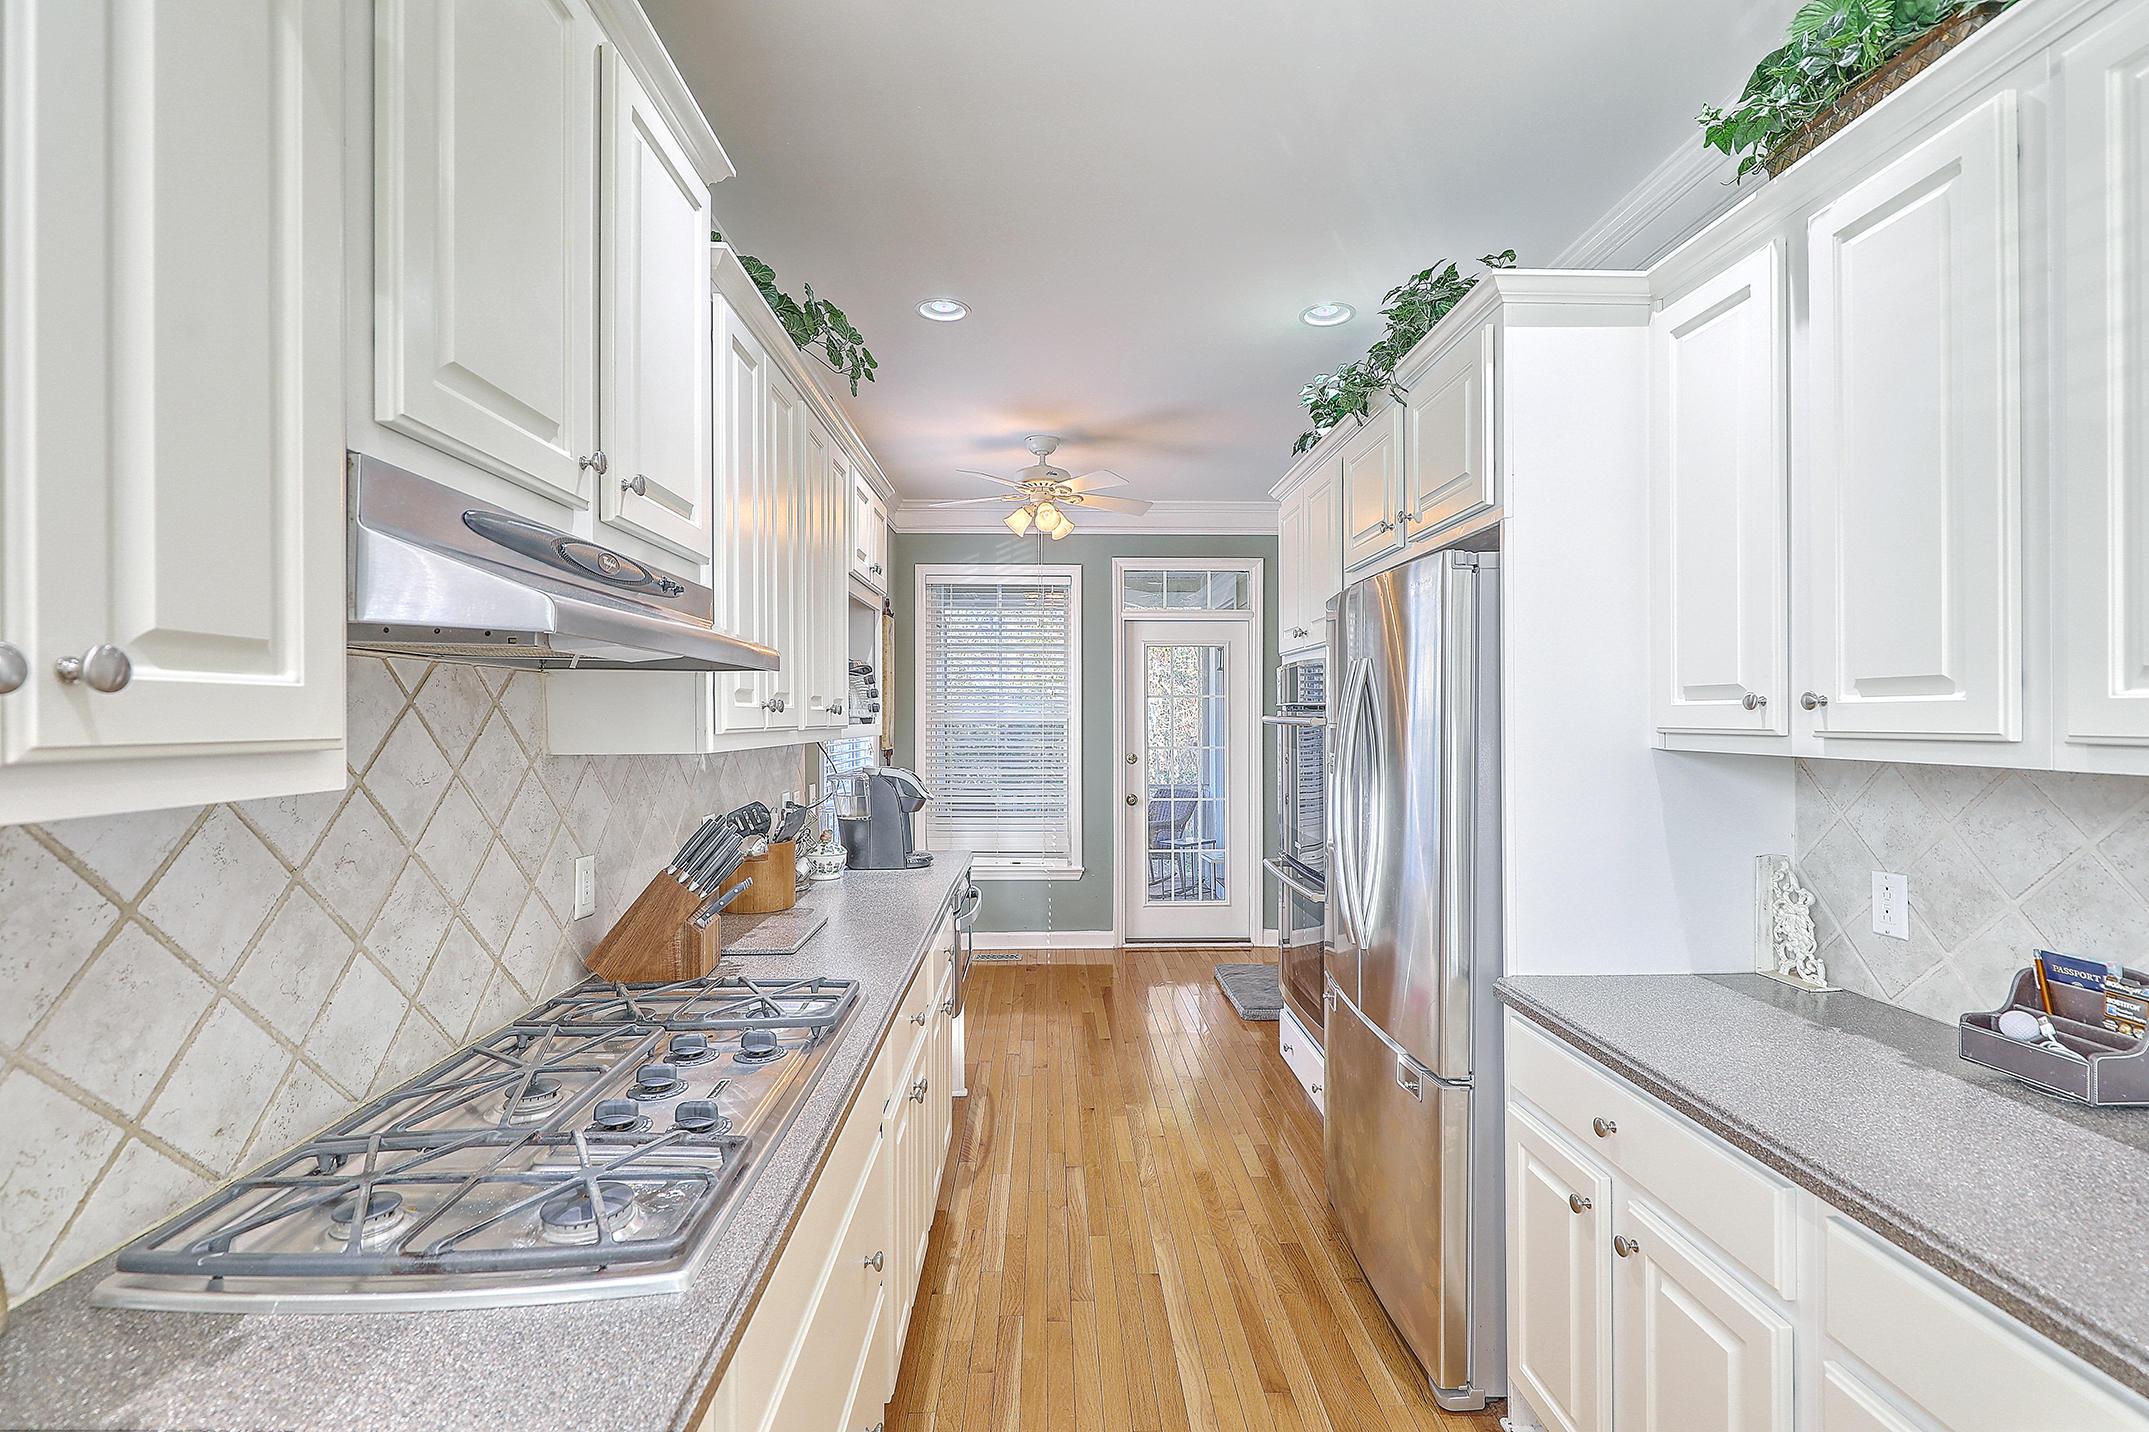 Dunes West Homes For Sale - 129 Palm Cove, Mount Pleasant, SC - 12